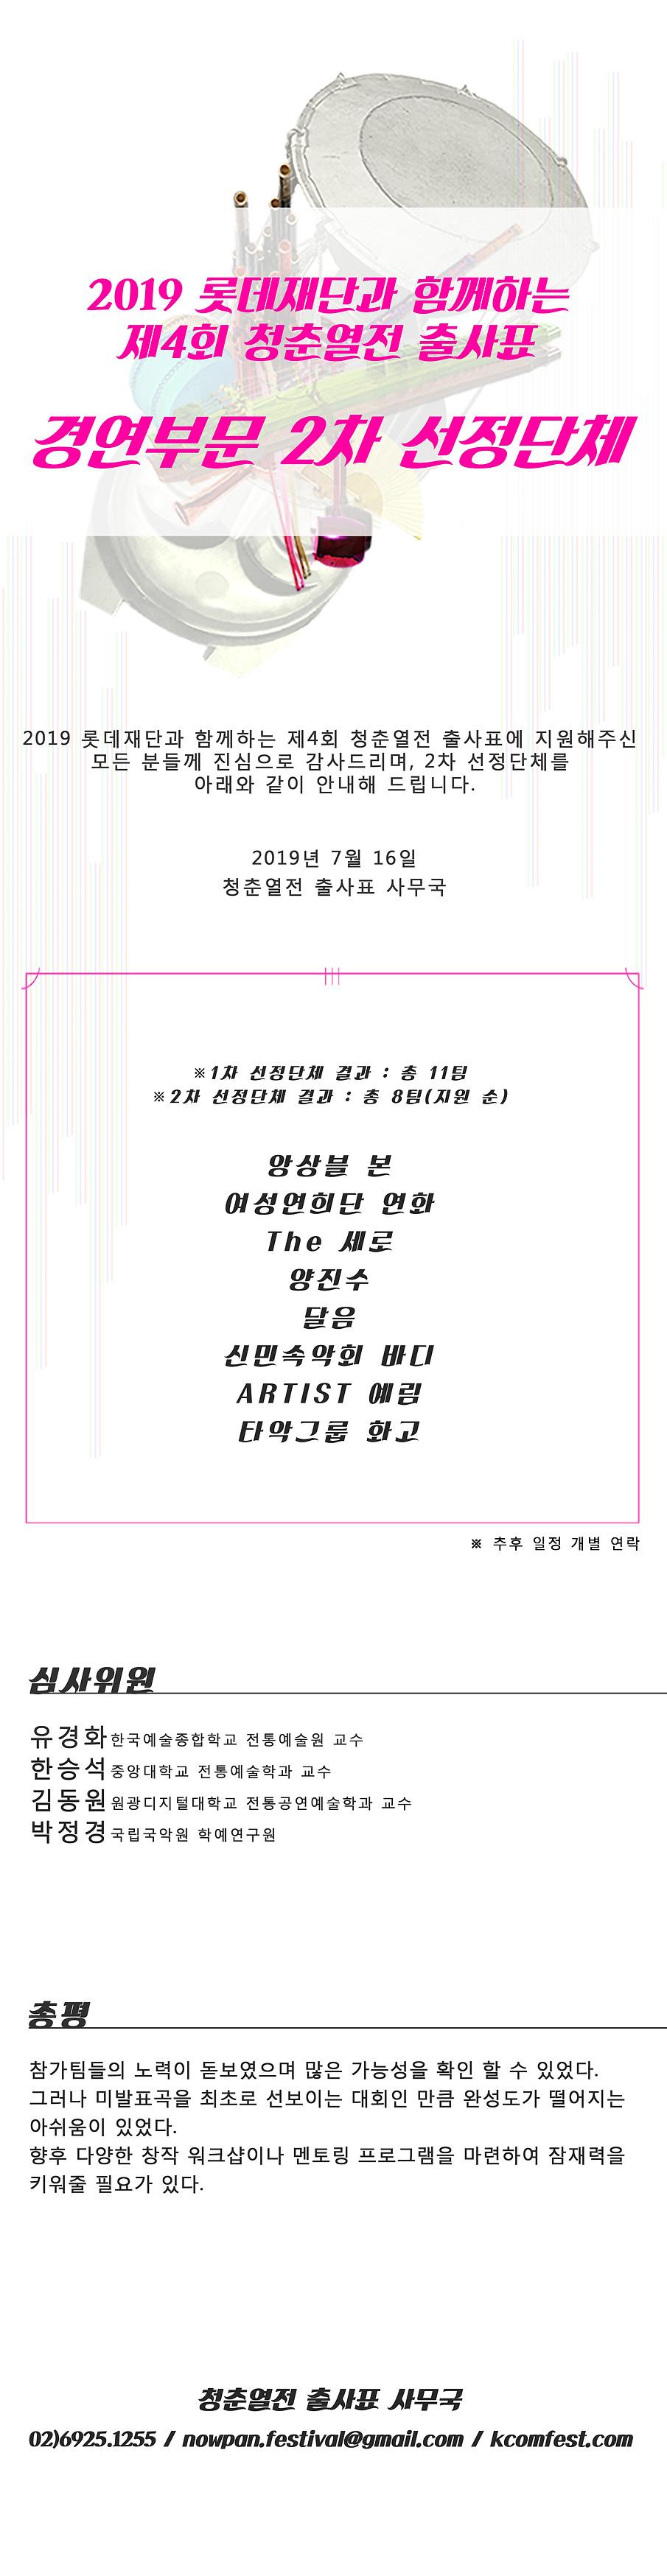 출사표_선정결과_2차_경연.jpg